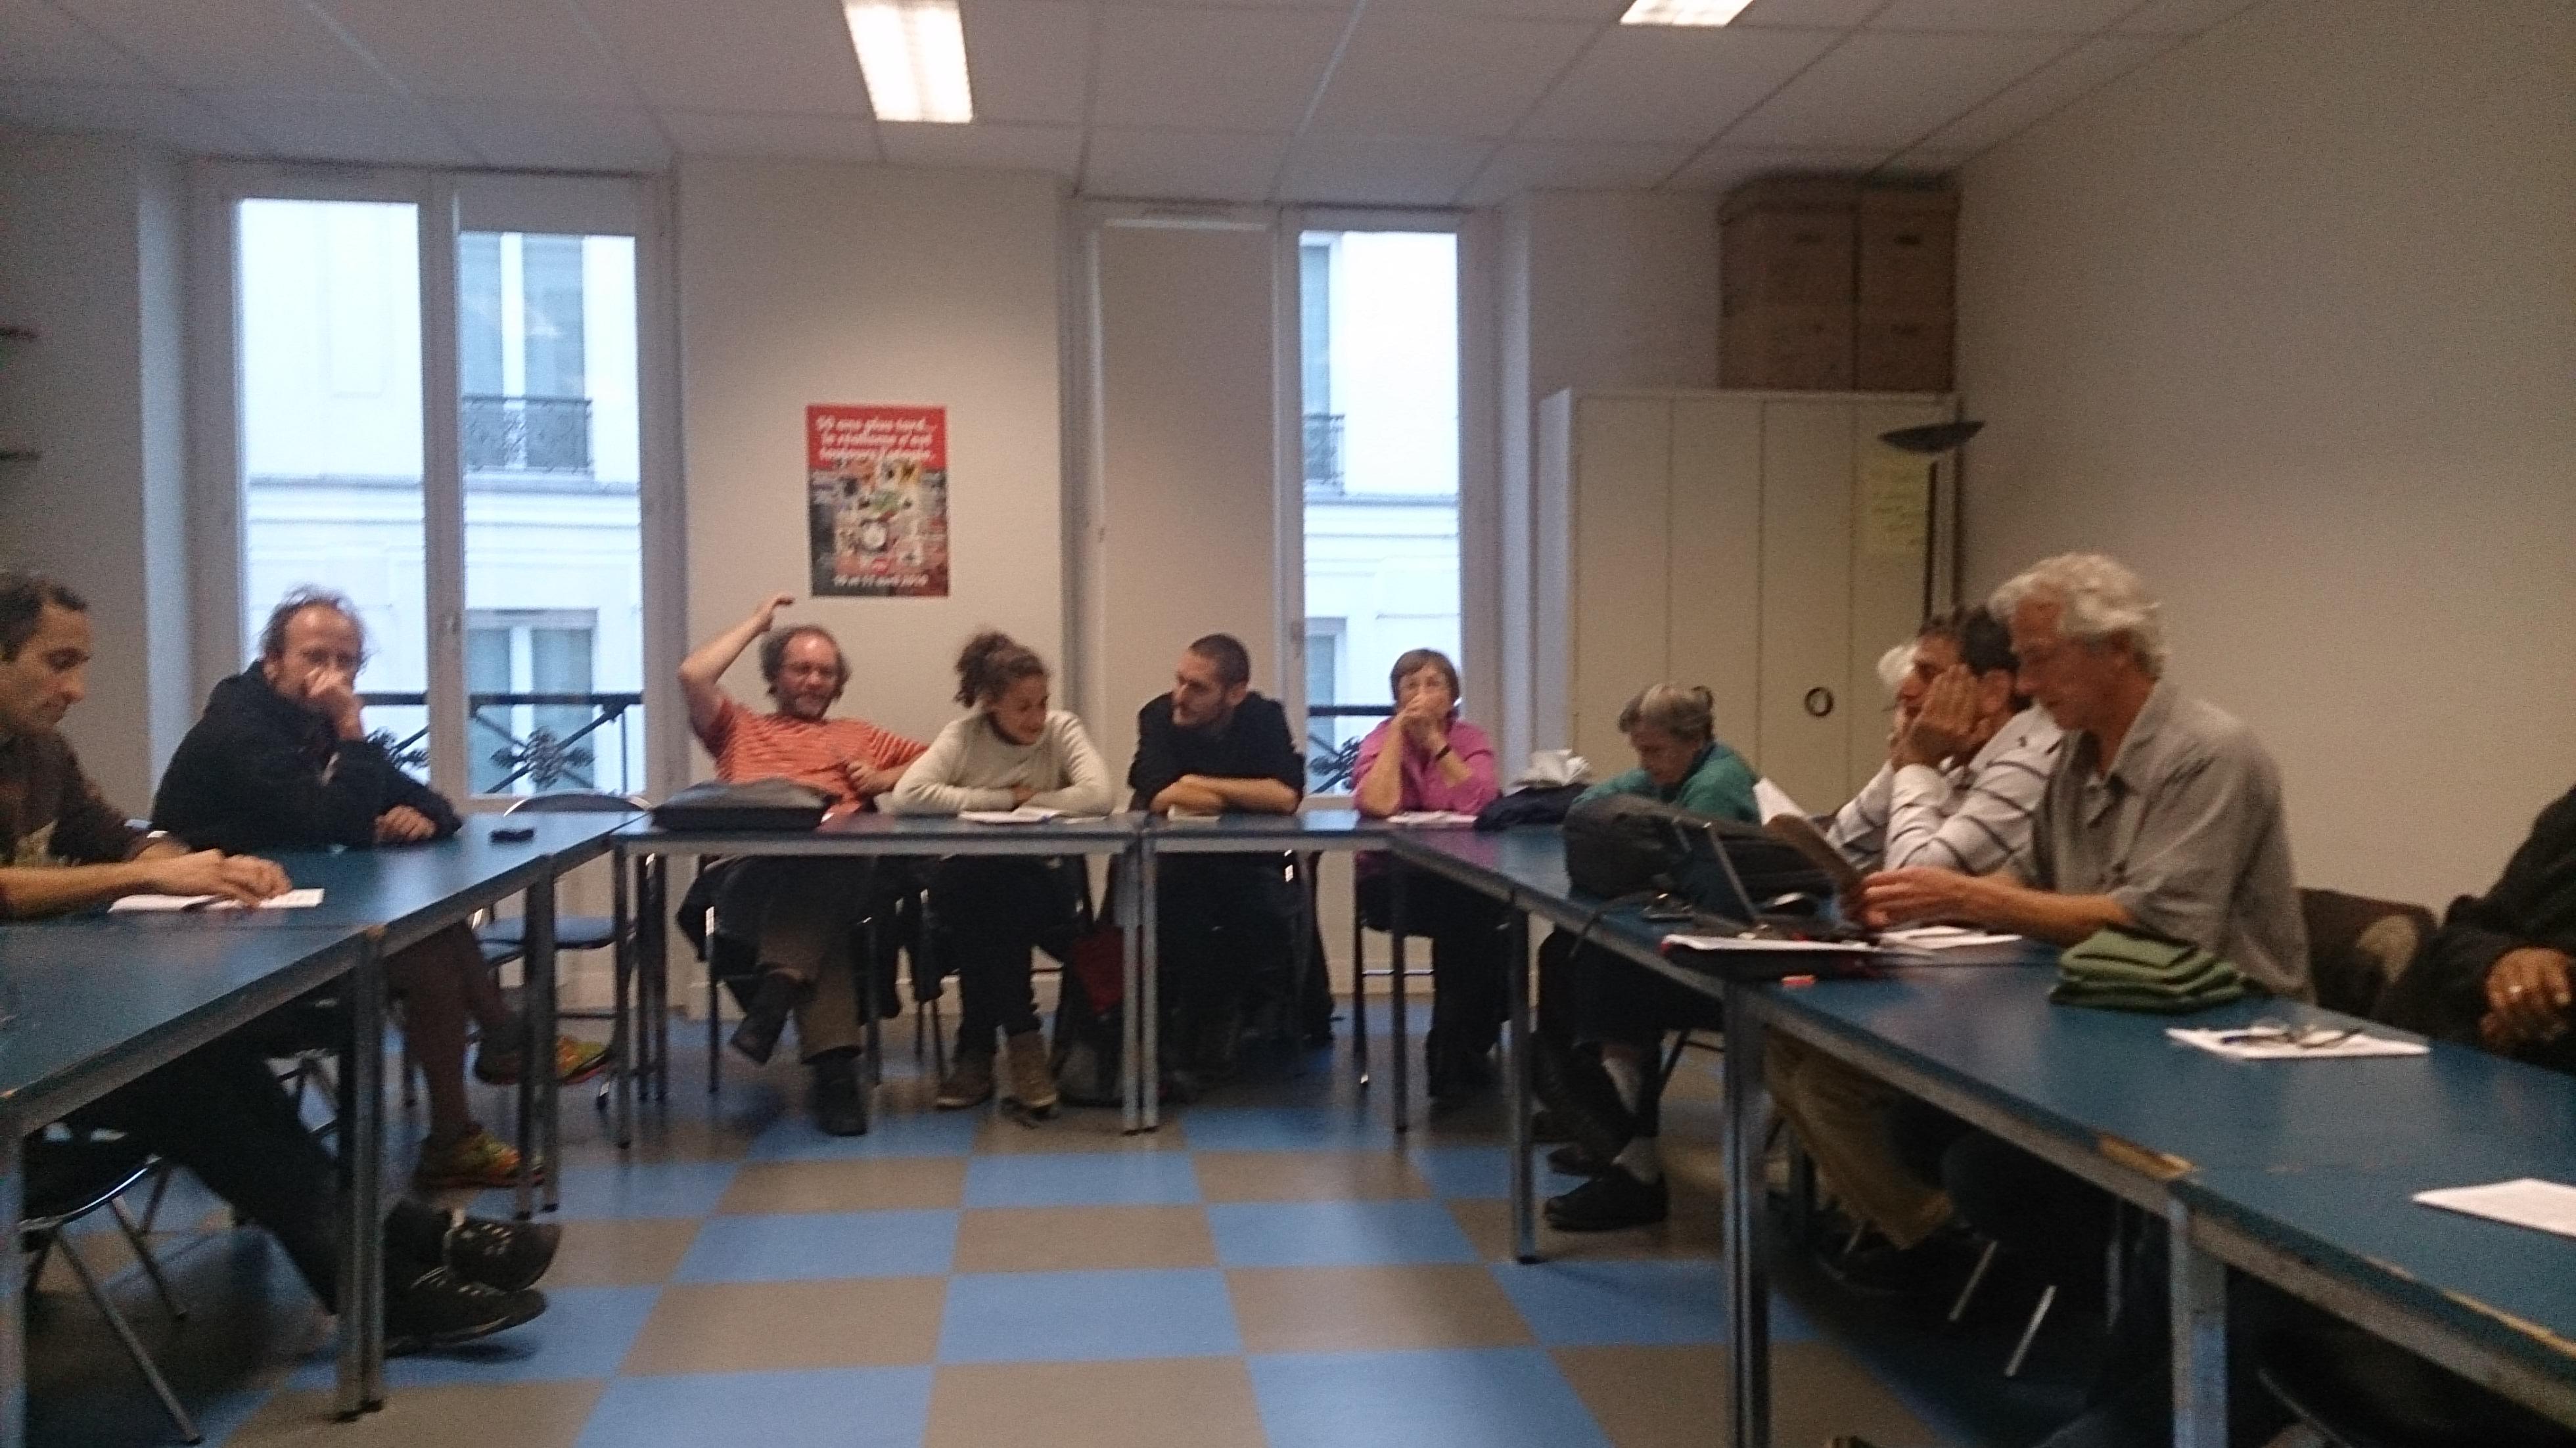 Rencontre internationale de l'économie des travailleurs : une première réunion de compte-rendu de l'AA